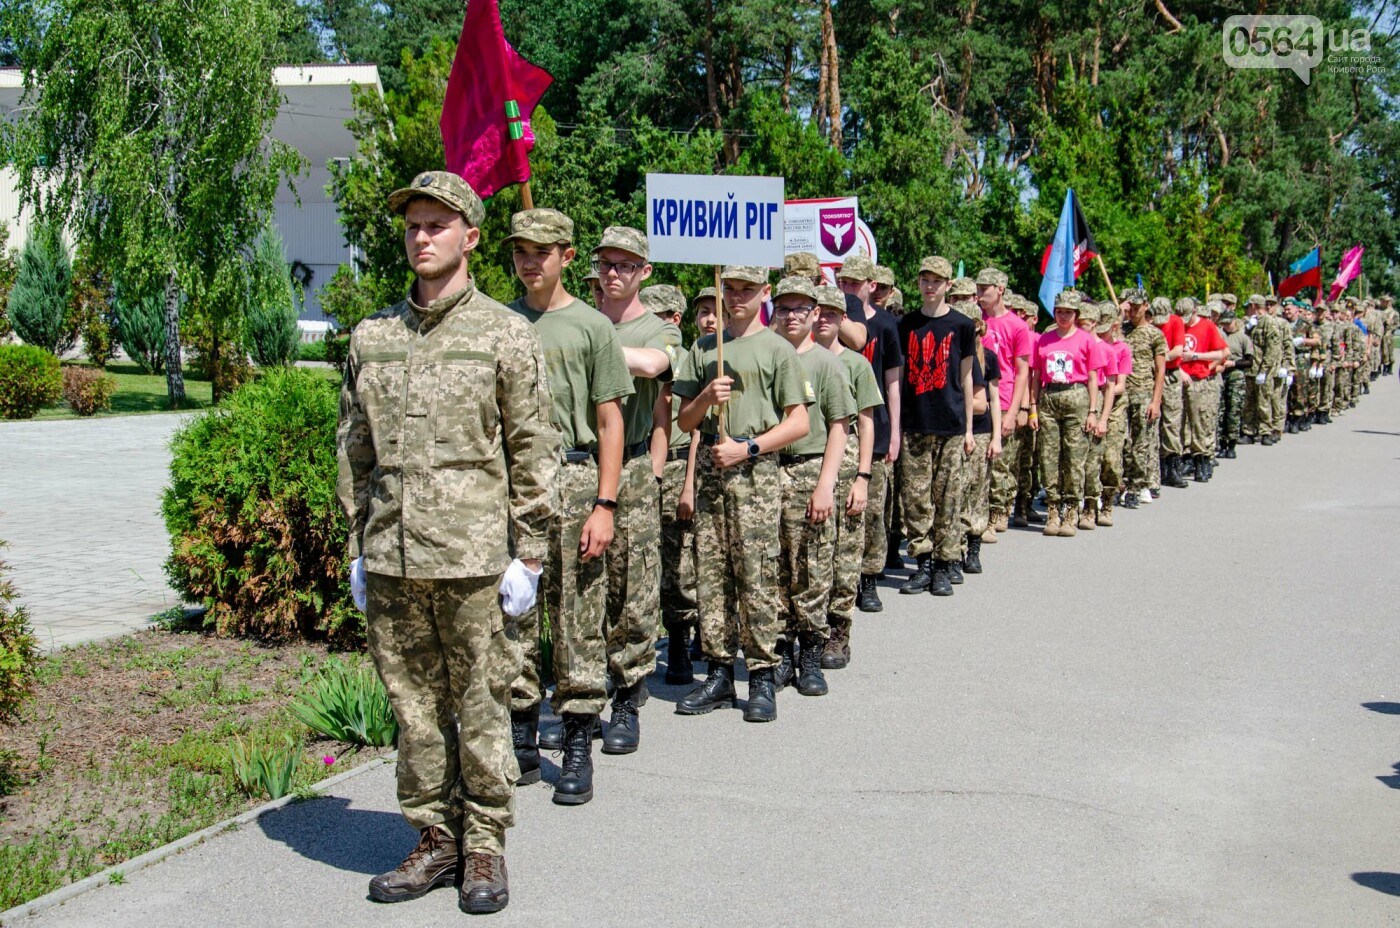 Криворожские школьники приняли участие в областном этапе военно-патриотической игры «Джура», - ФОТО, фото-3